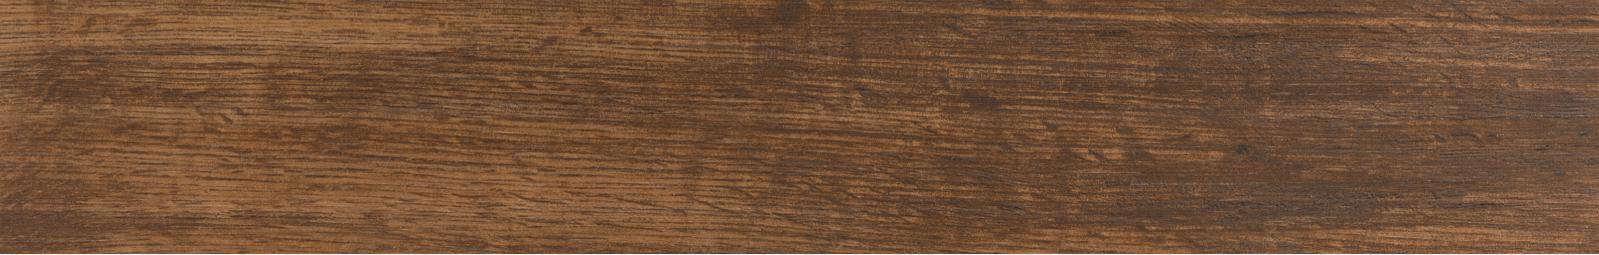 Напольная плитка Venis Hampton +14156 Brown 14,3х90 цены